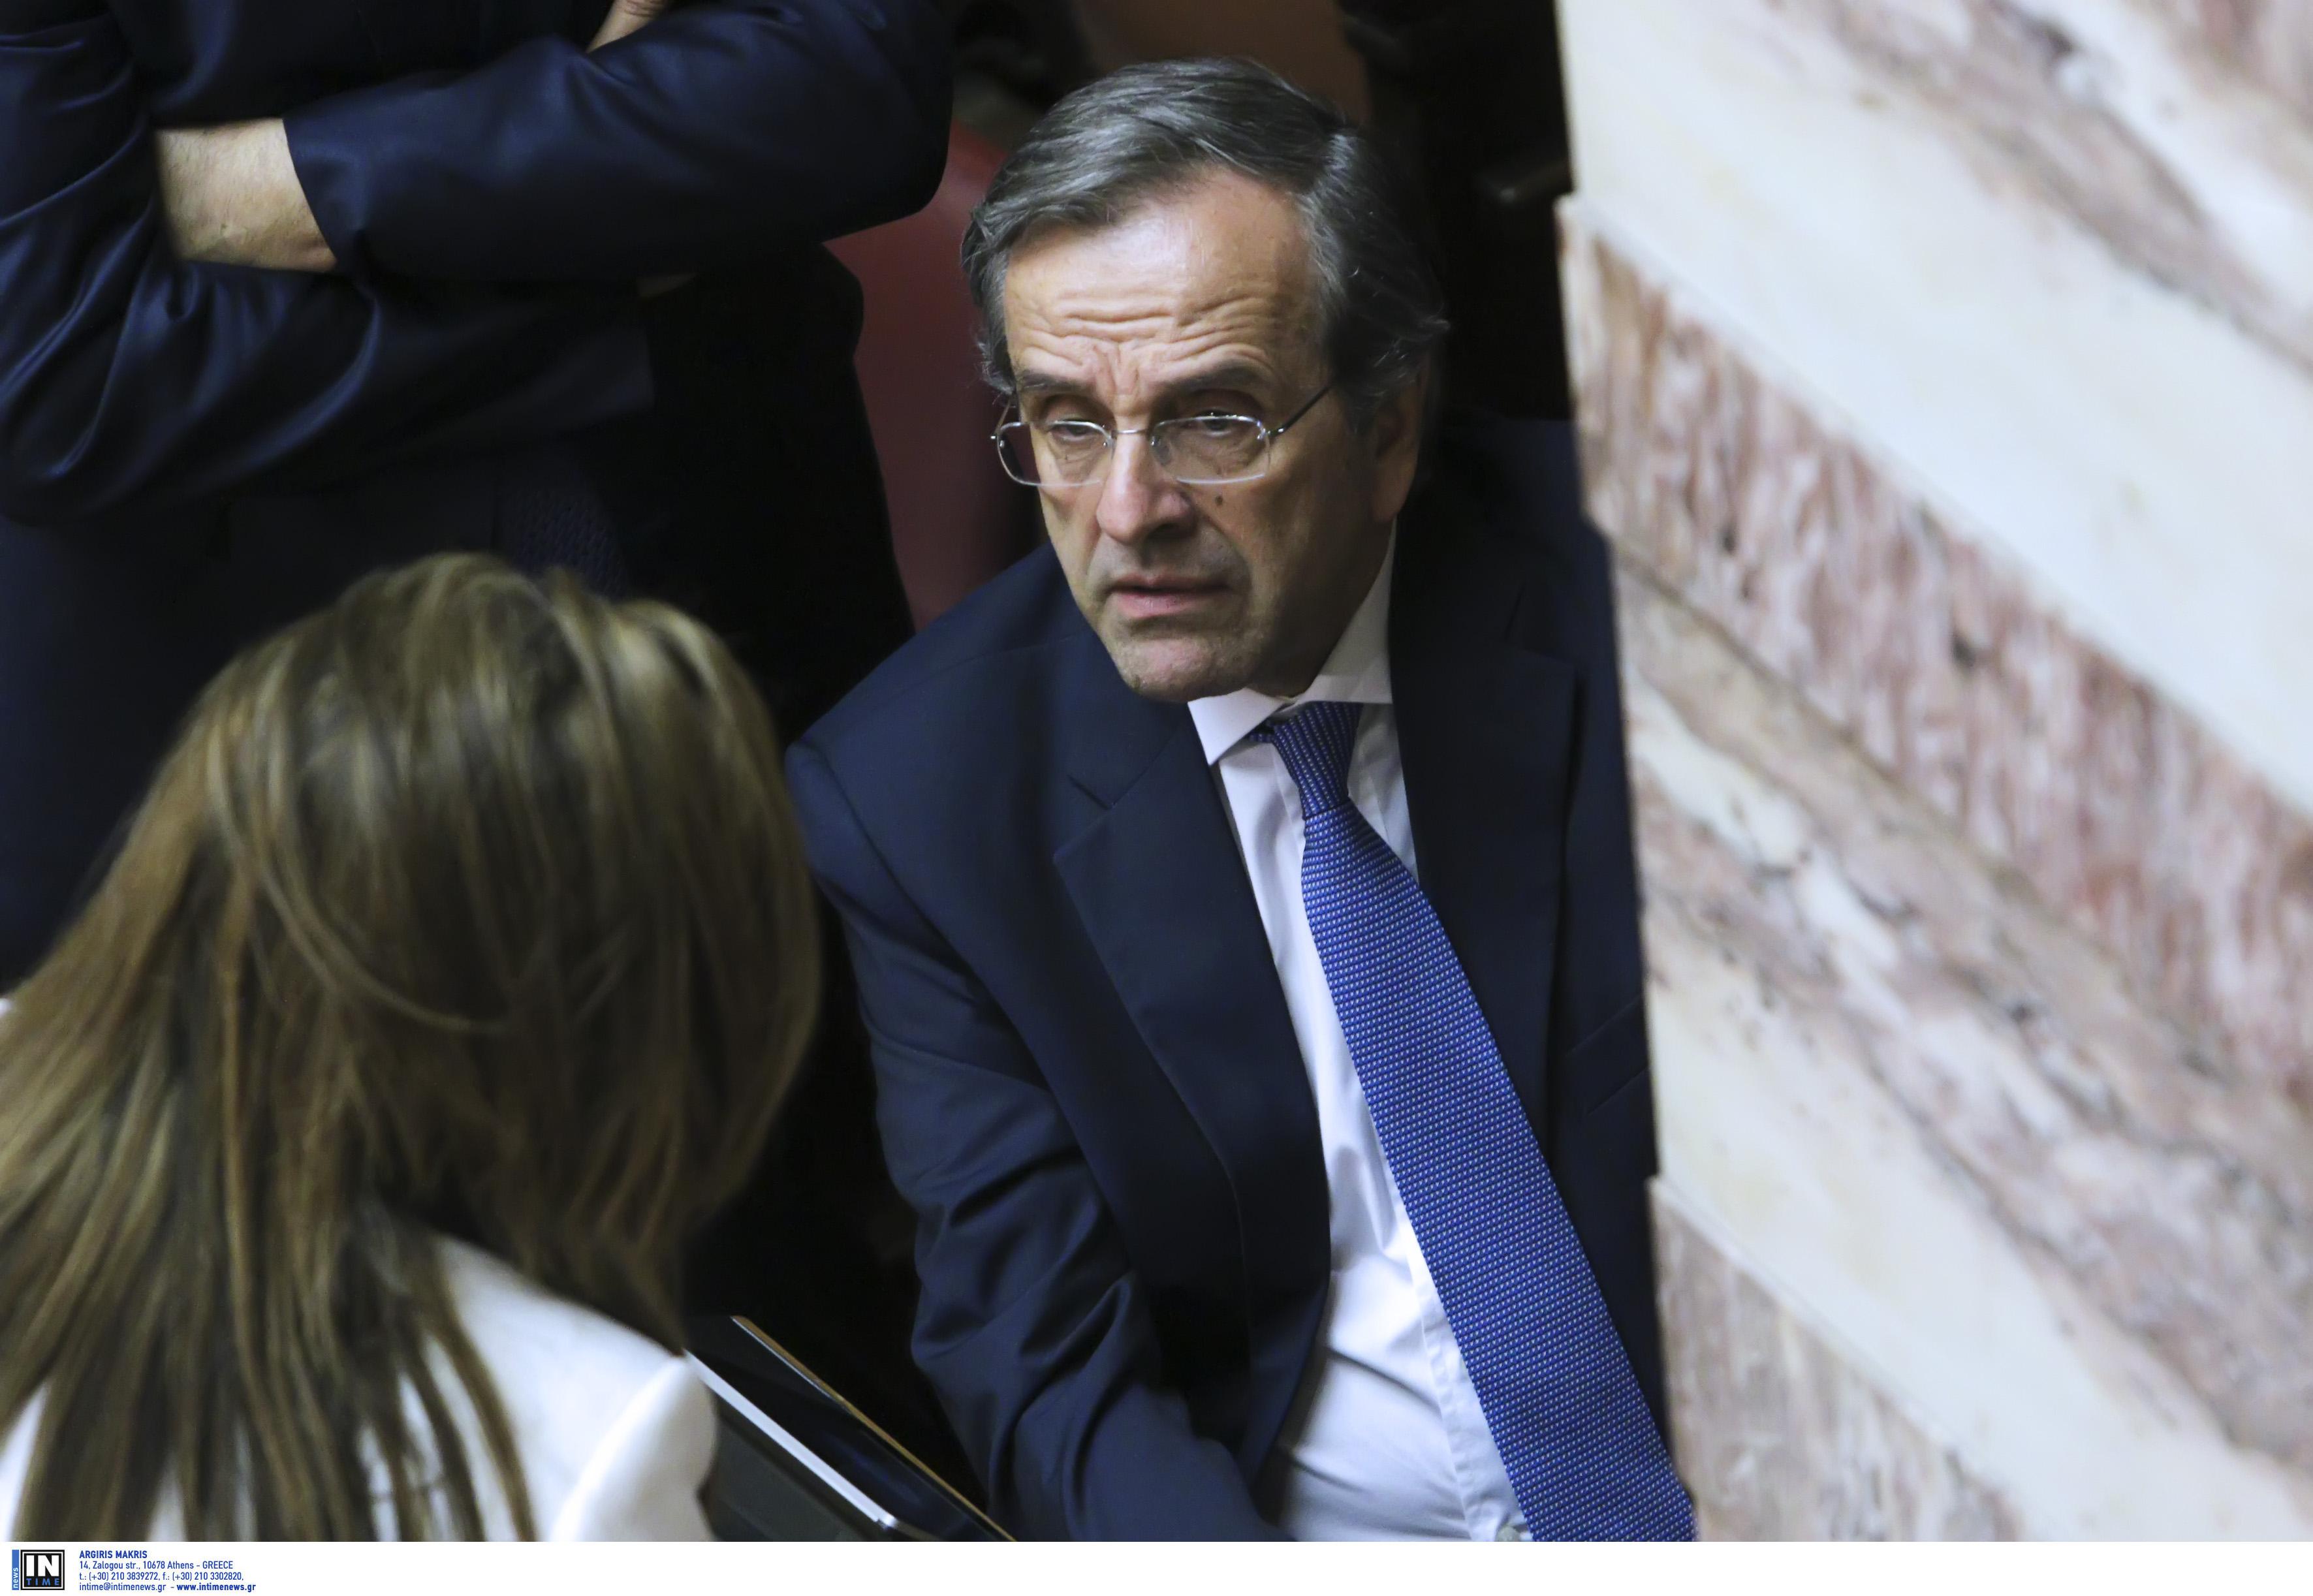 """ΣΥΡΙΖΑ για Novartis: Δυσαρέσκεια Σαμαρά για Μητσοτάκη και Χρυσοχοΐδη - """"Ελέγχει"""" και βουλευτές του ΚΙΝΑΛ"""